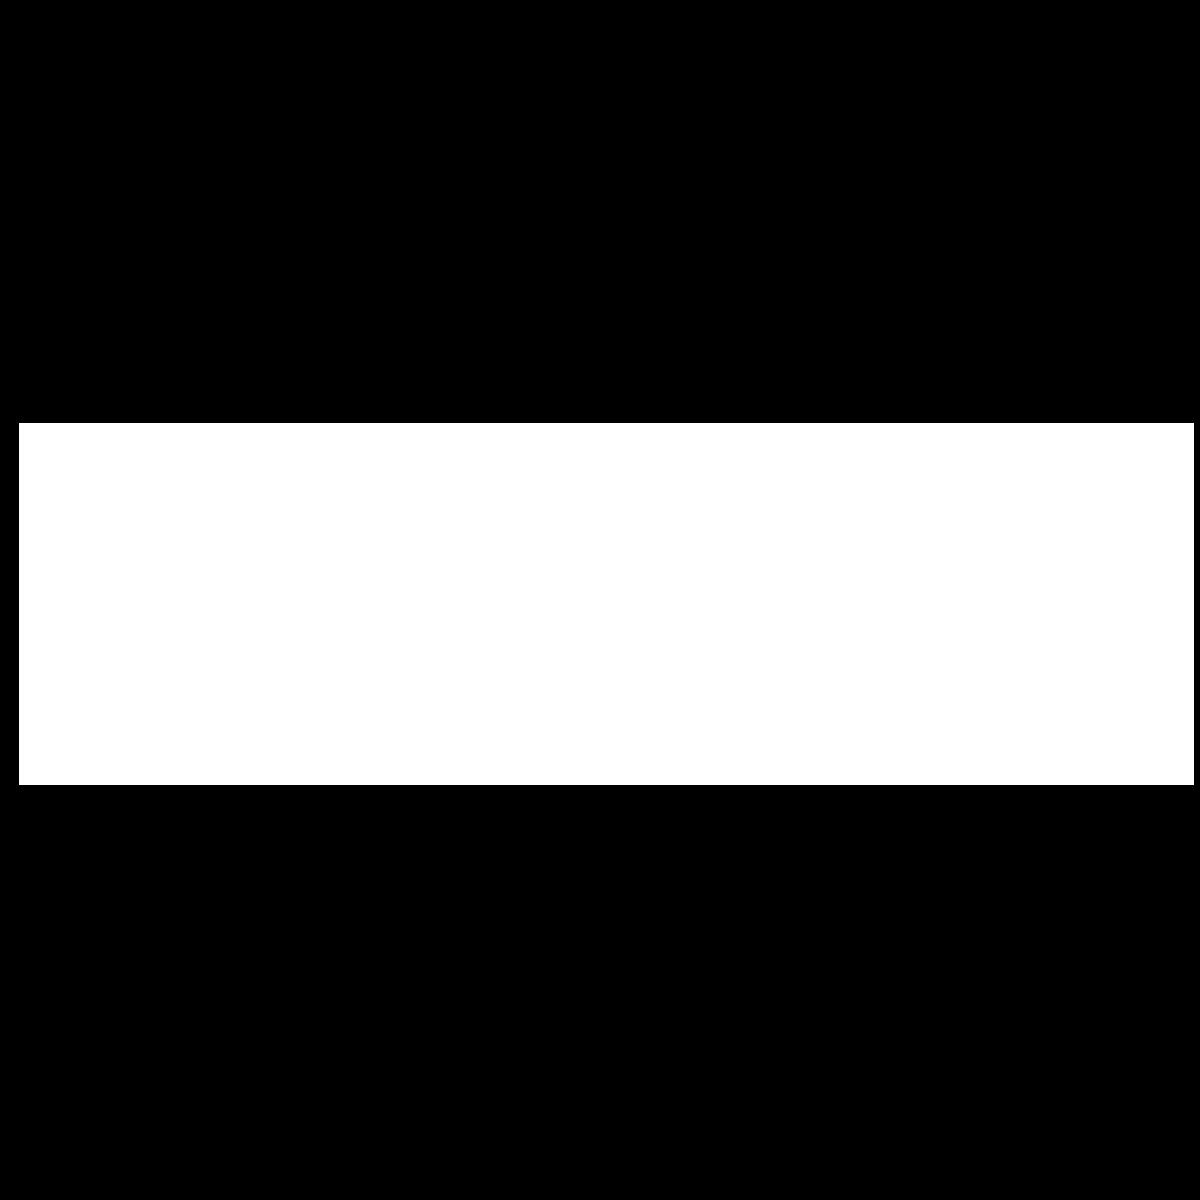 未来健康创新平台